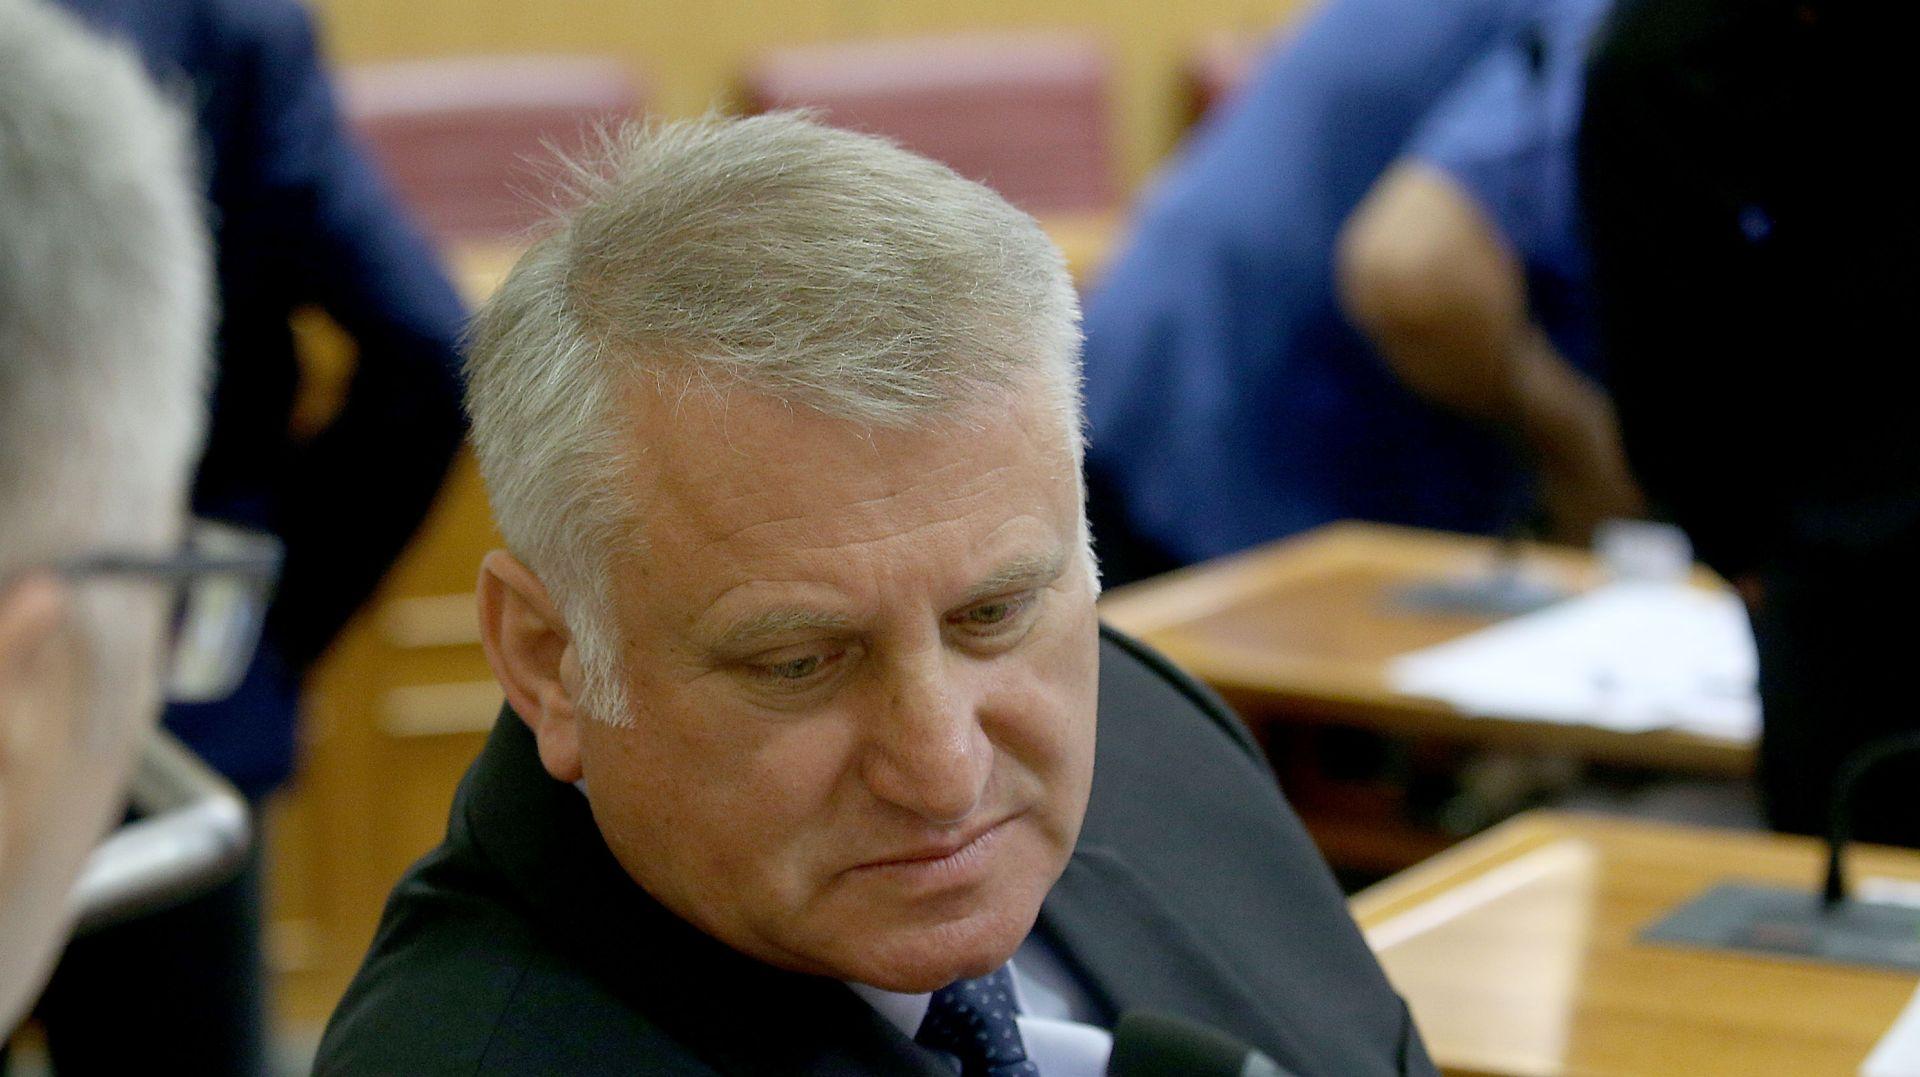 Lucić: Već sutra ćemo imati novu većinu, Petrov je kriv za sve što se događa